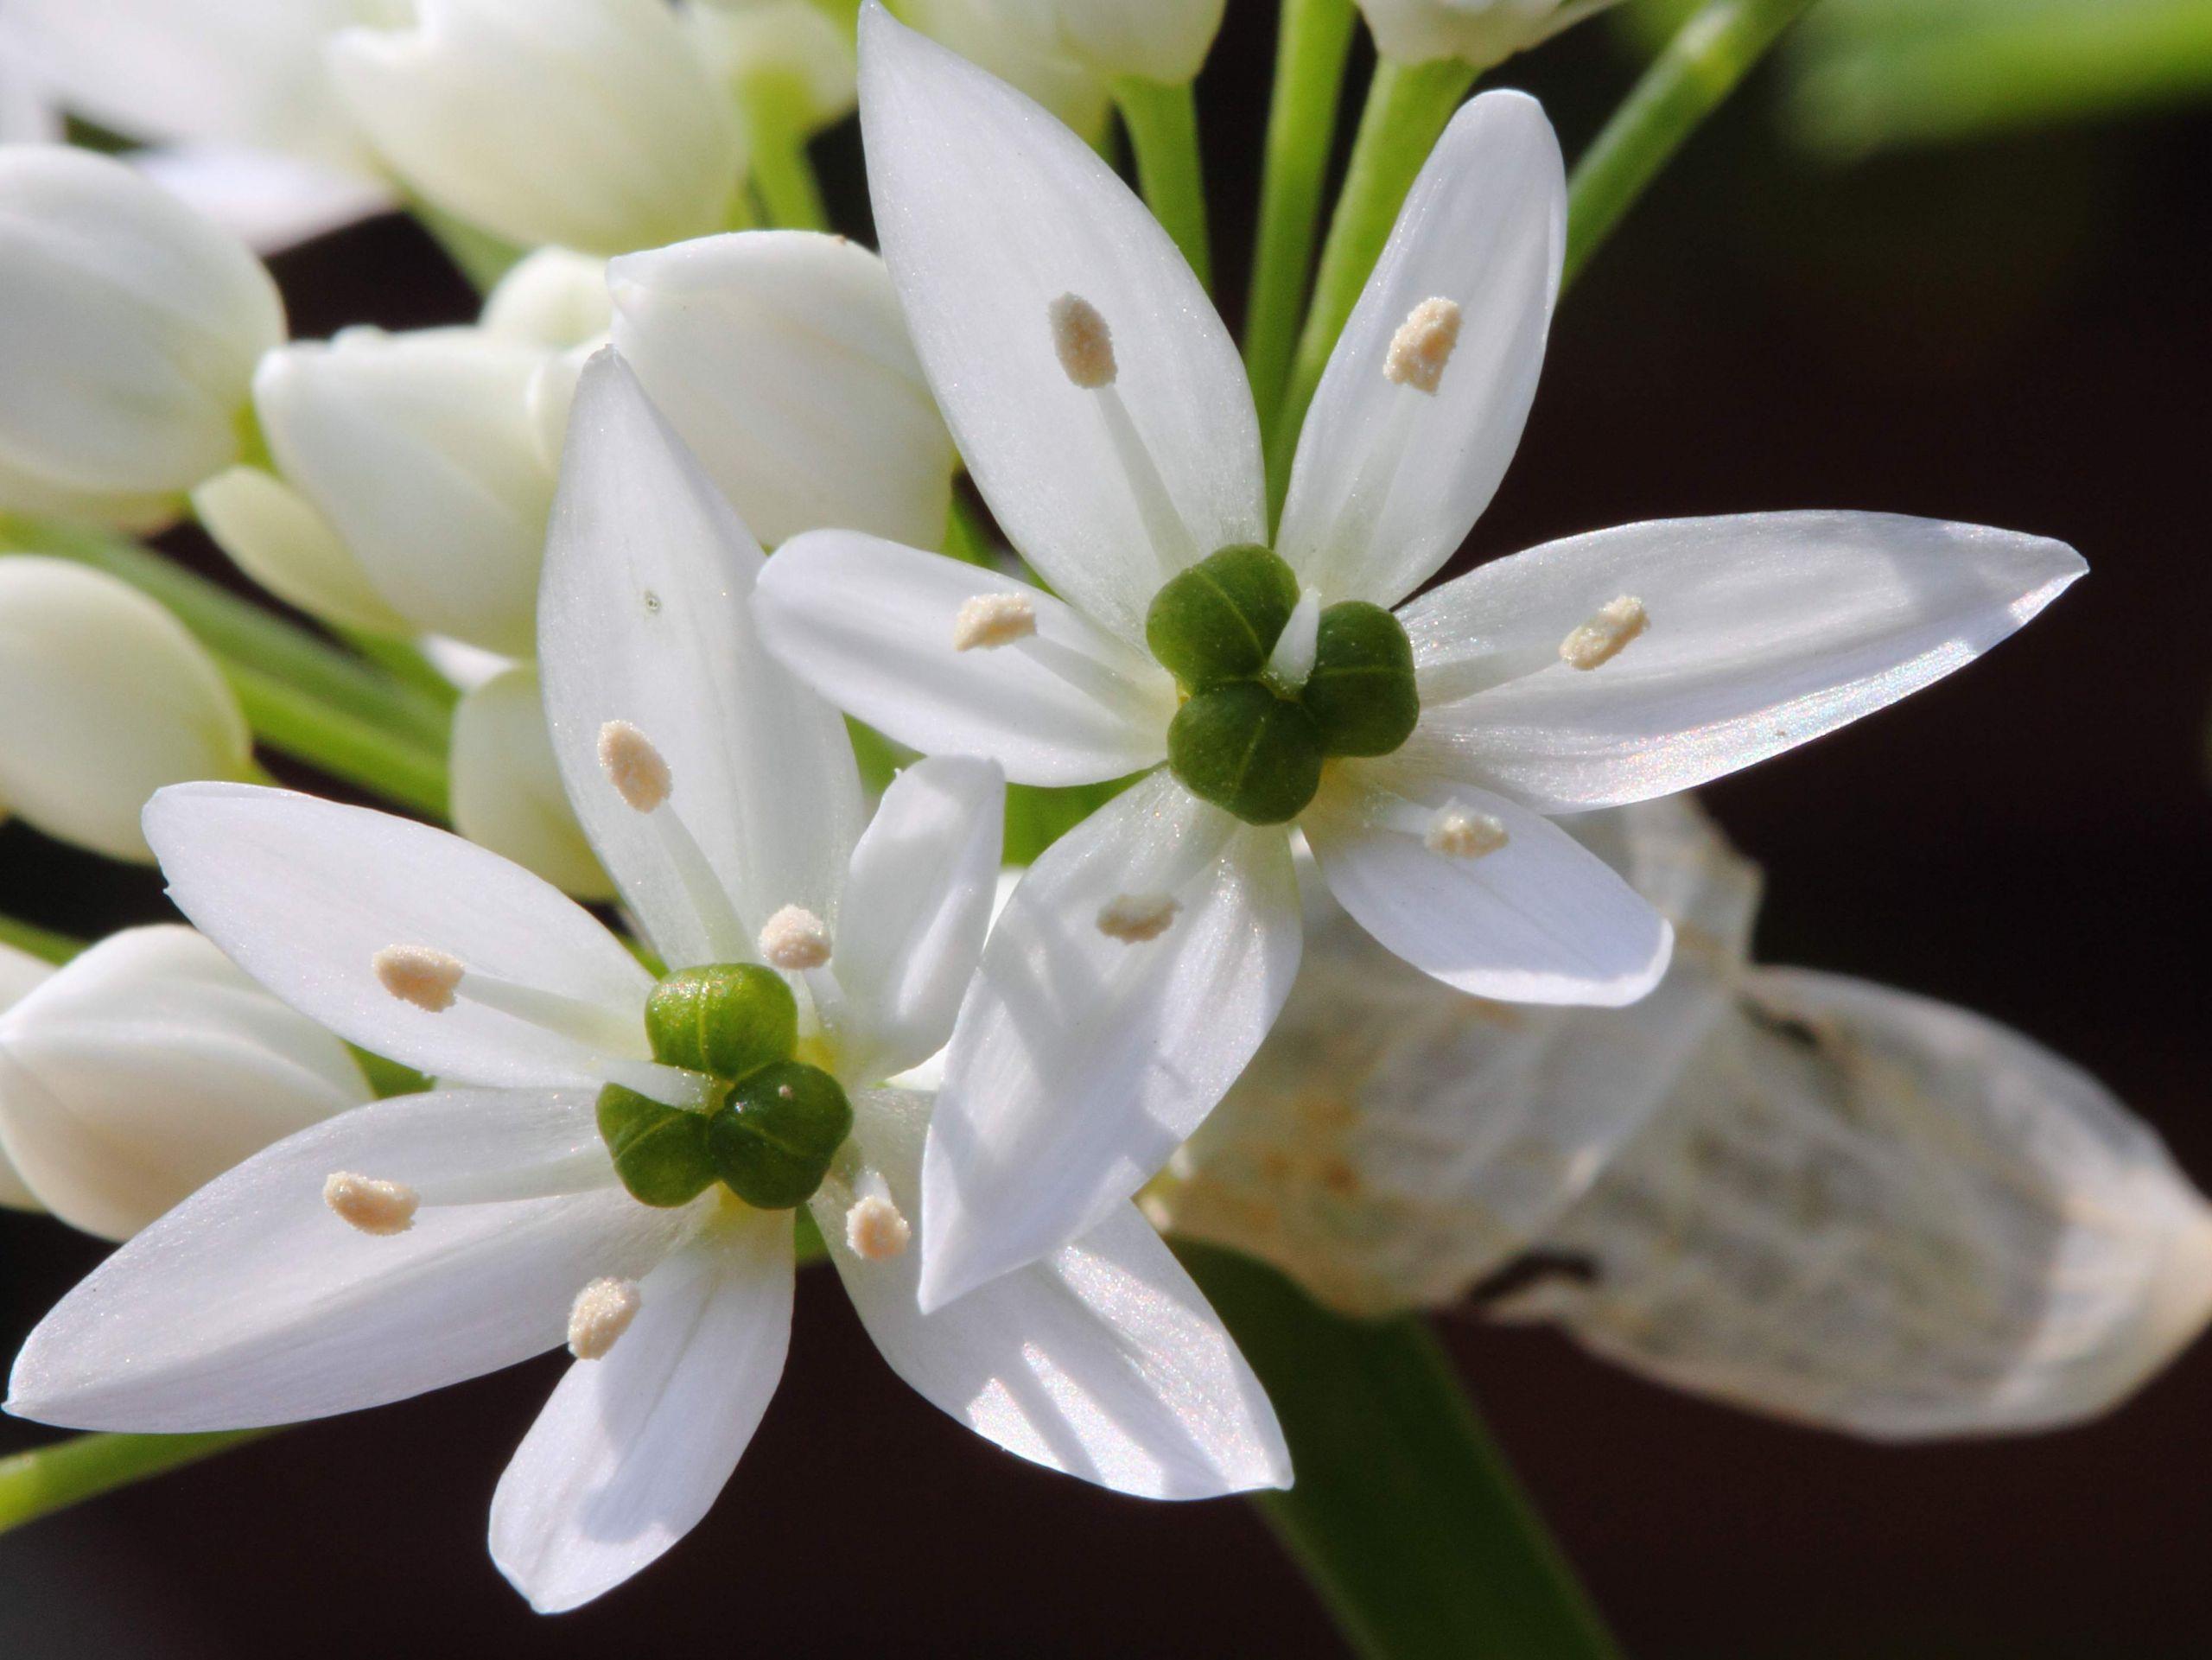 Allium ursinum HC1 JPG